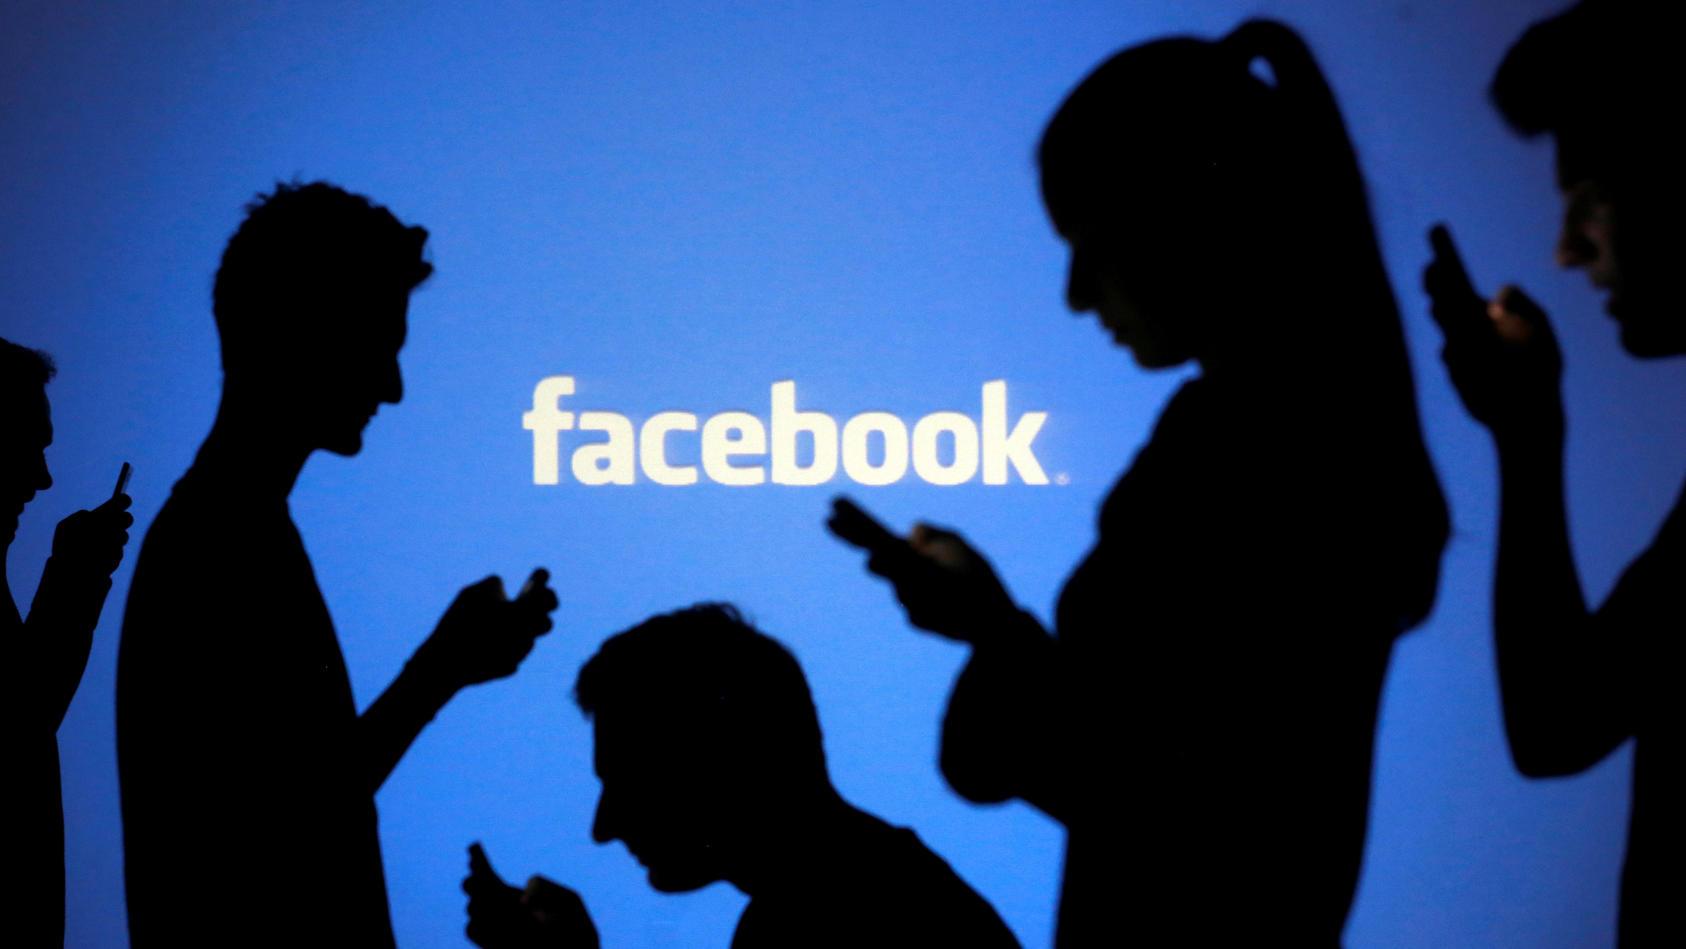 Als soziales Netzwerk verbindet Facebook 1,8 Milliarden Menschen weltweit.